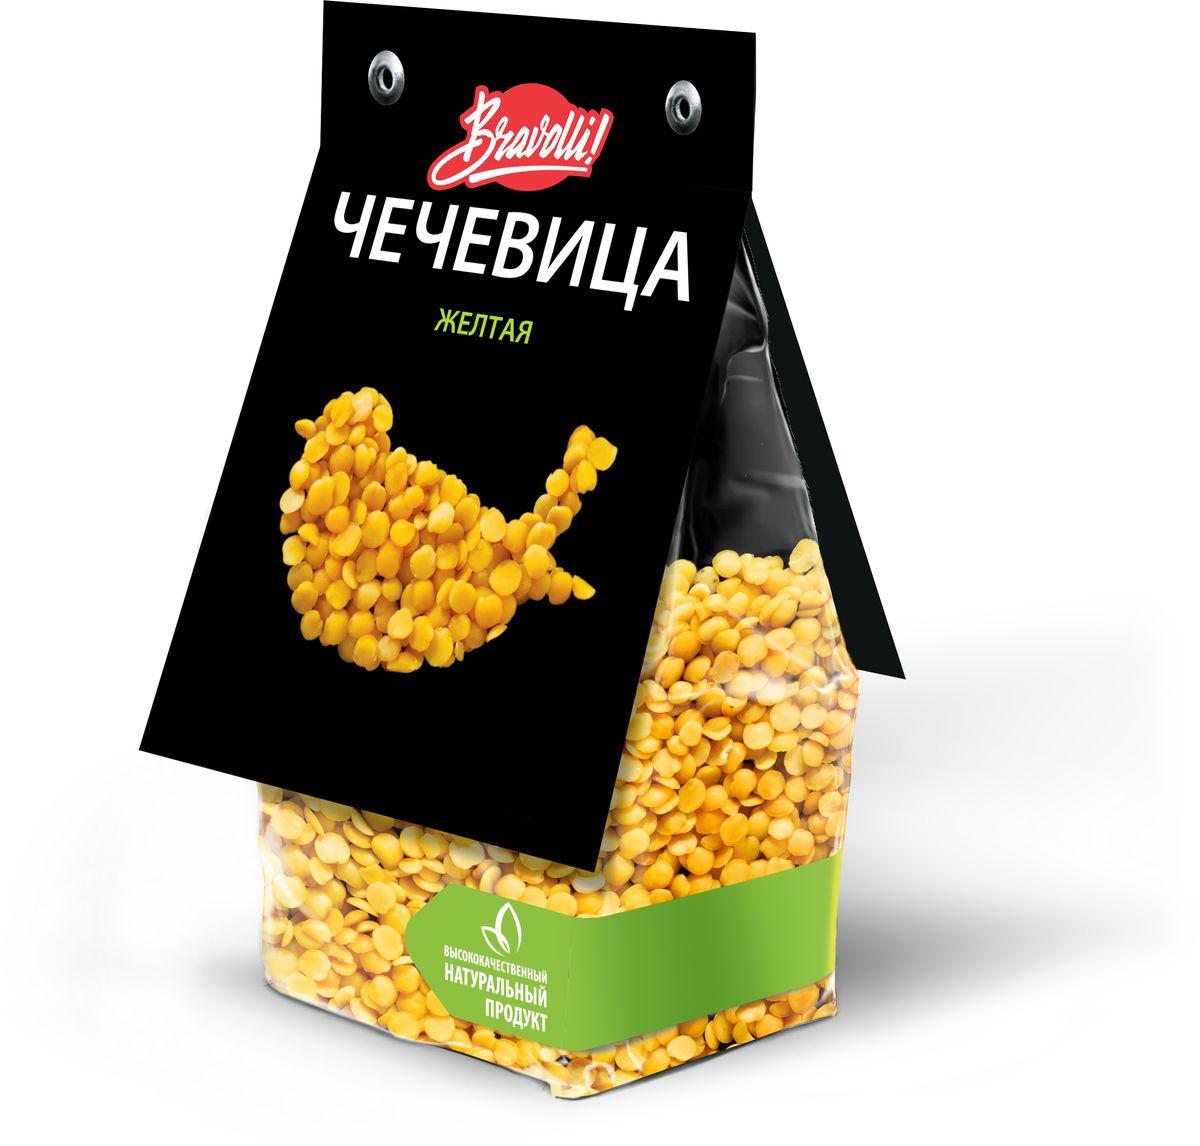 Bravolli Чечевица желтая, 350 г мистраль чечевица зеленая мелкая онтарио 450 г